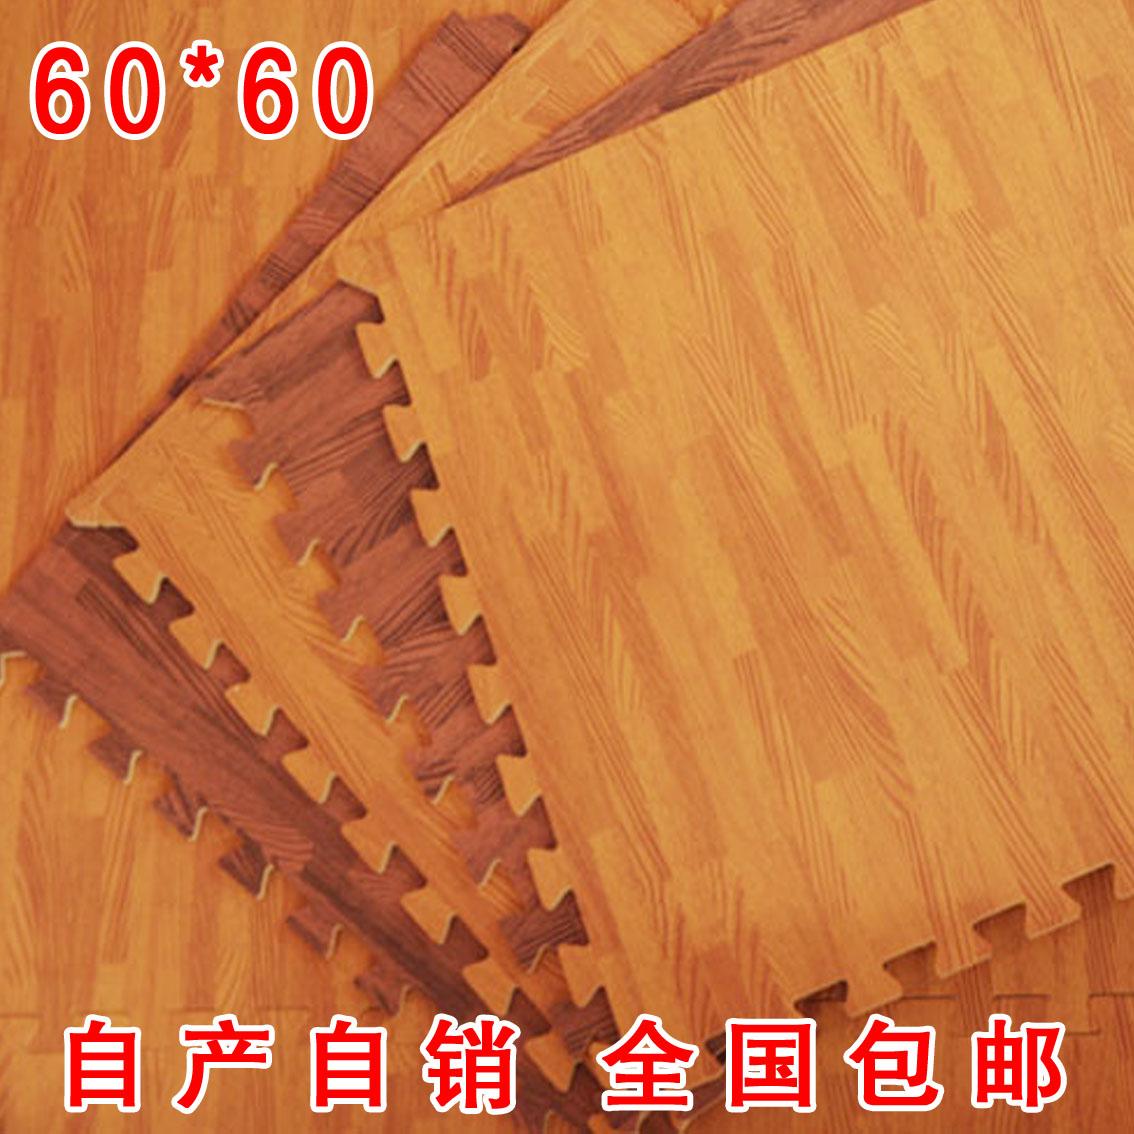 60拼接地垫铺地泡沫垫木纹地板拼图塑料地毯满铺卧室